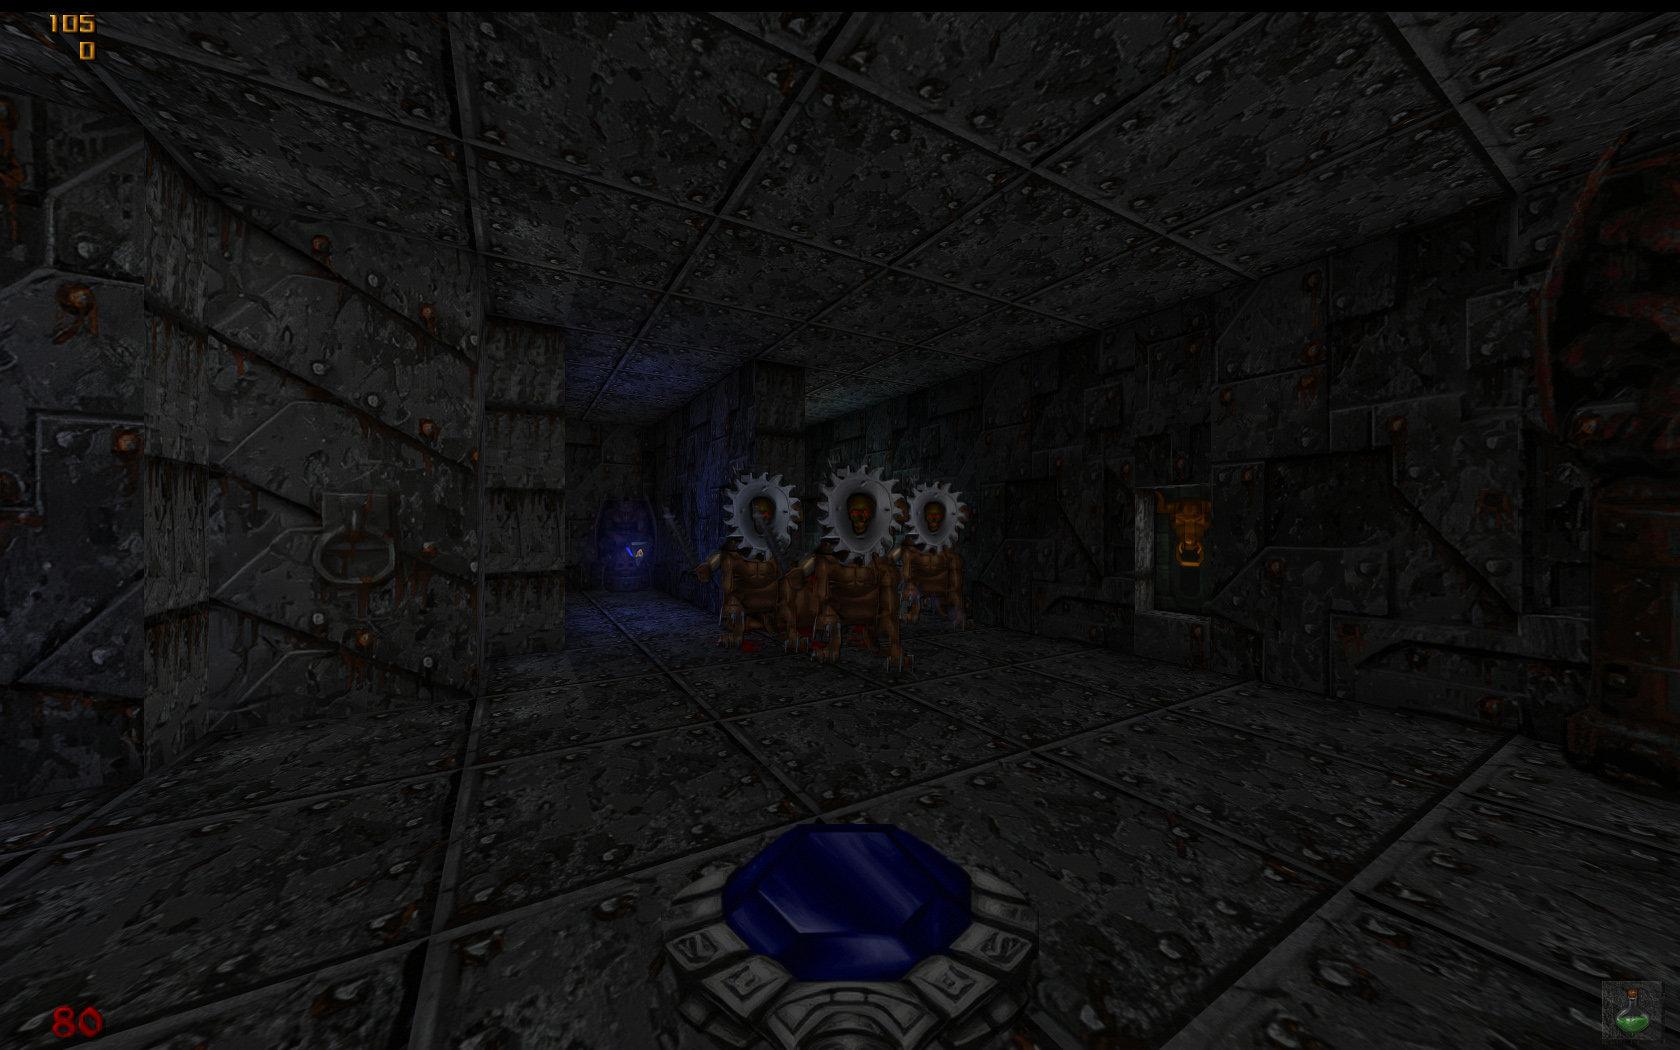 hexen-textures-hd-n02.jpg.da793481f5037d6927145f23299c24f3.jpg